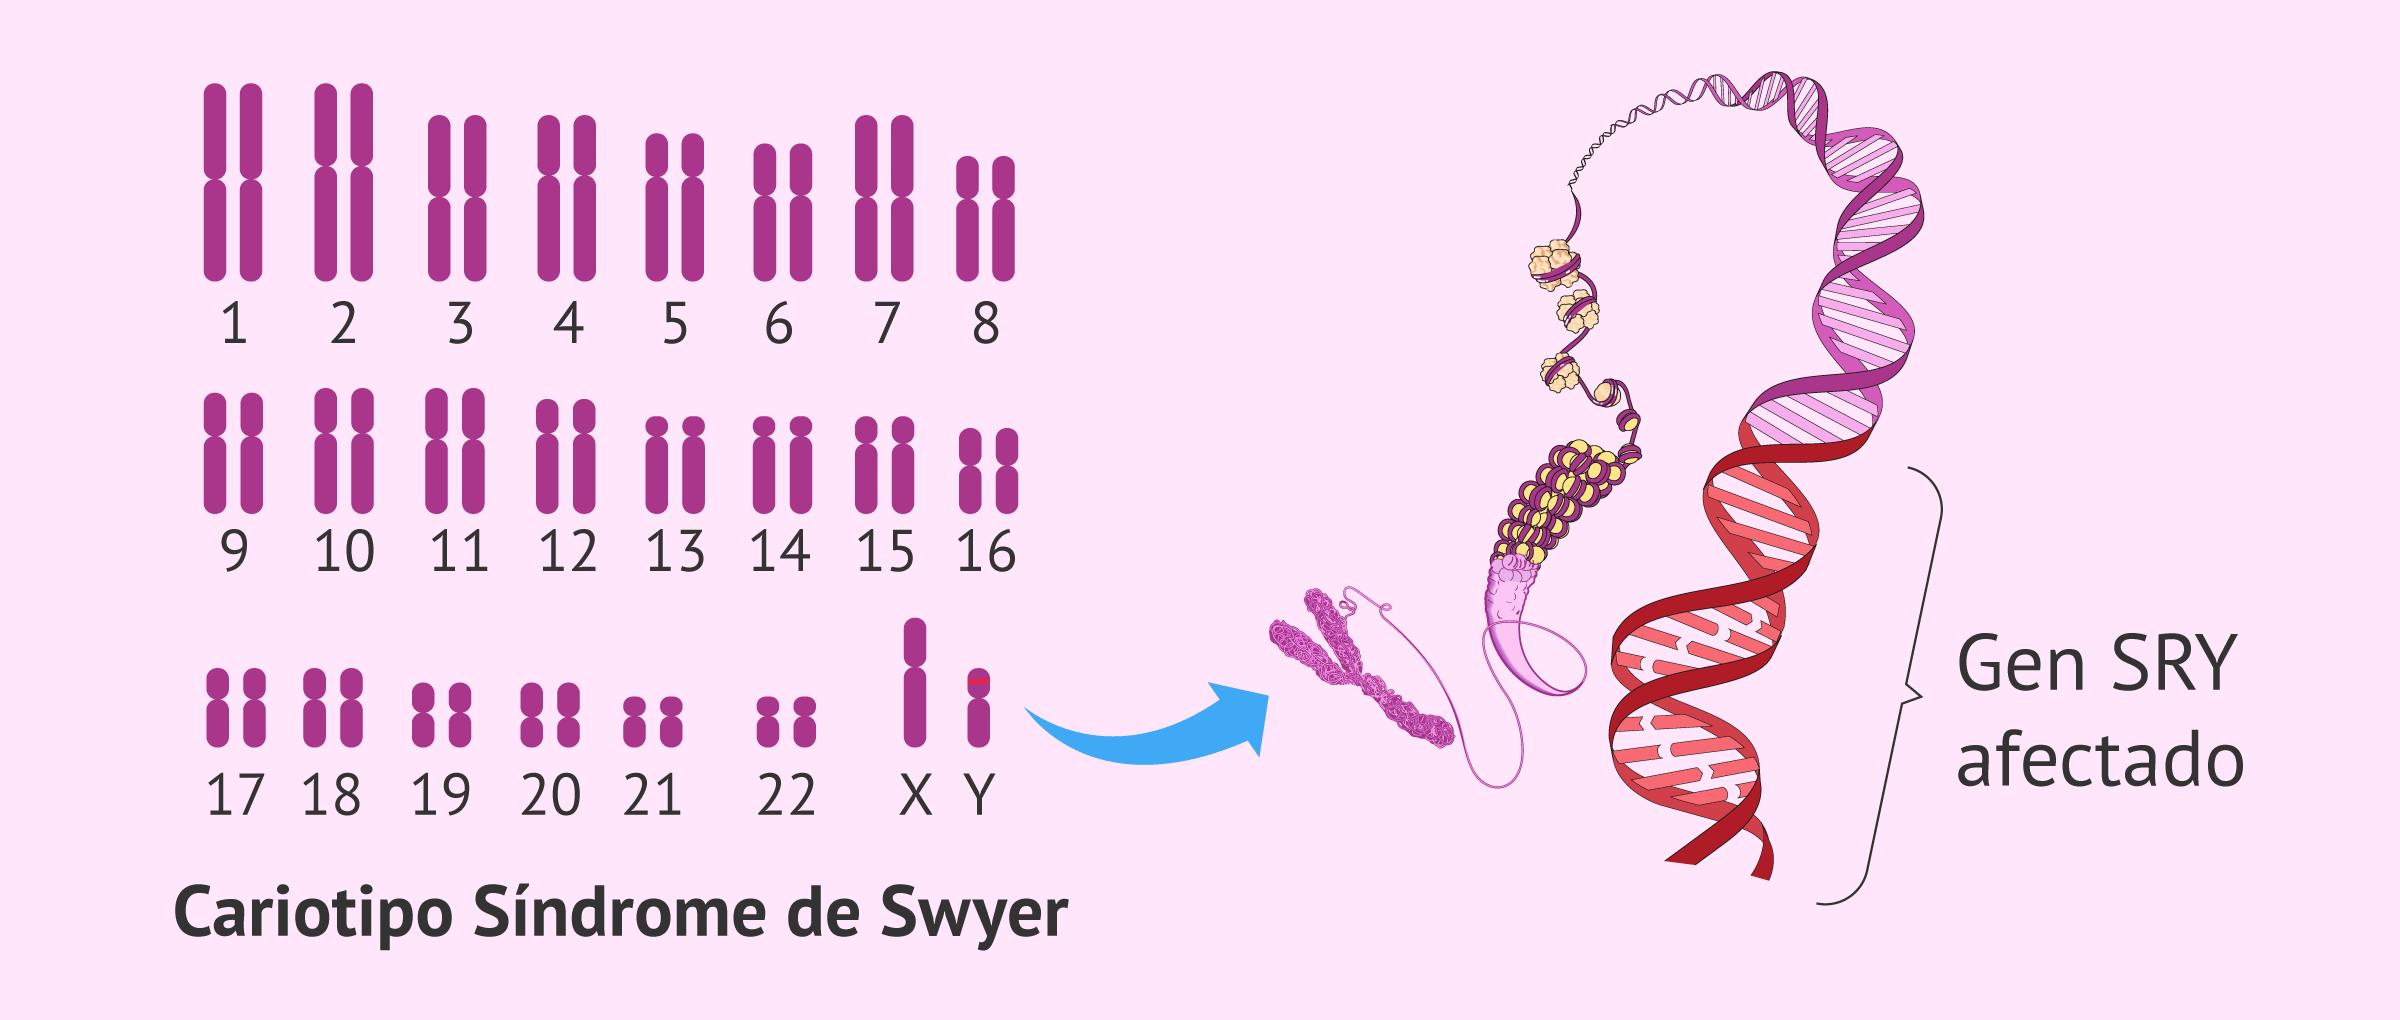 Cariotipo en el síndrome de Swyer